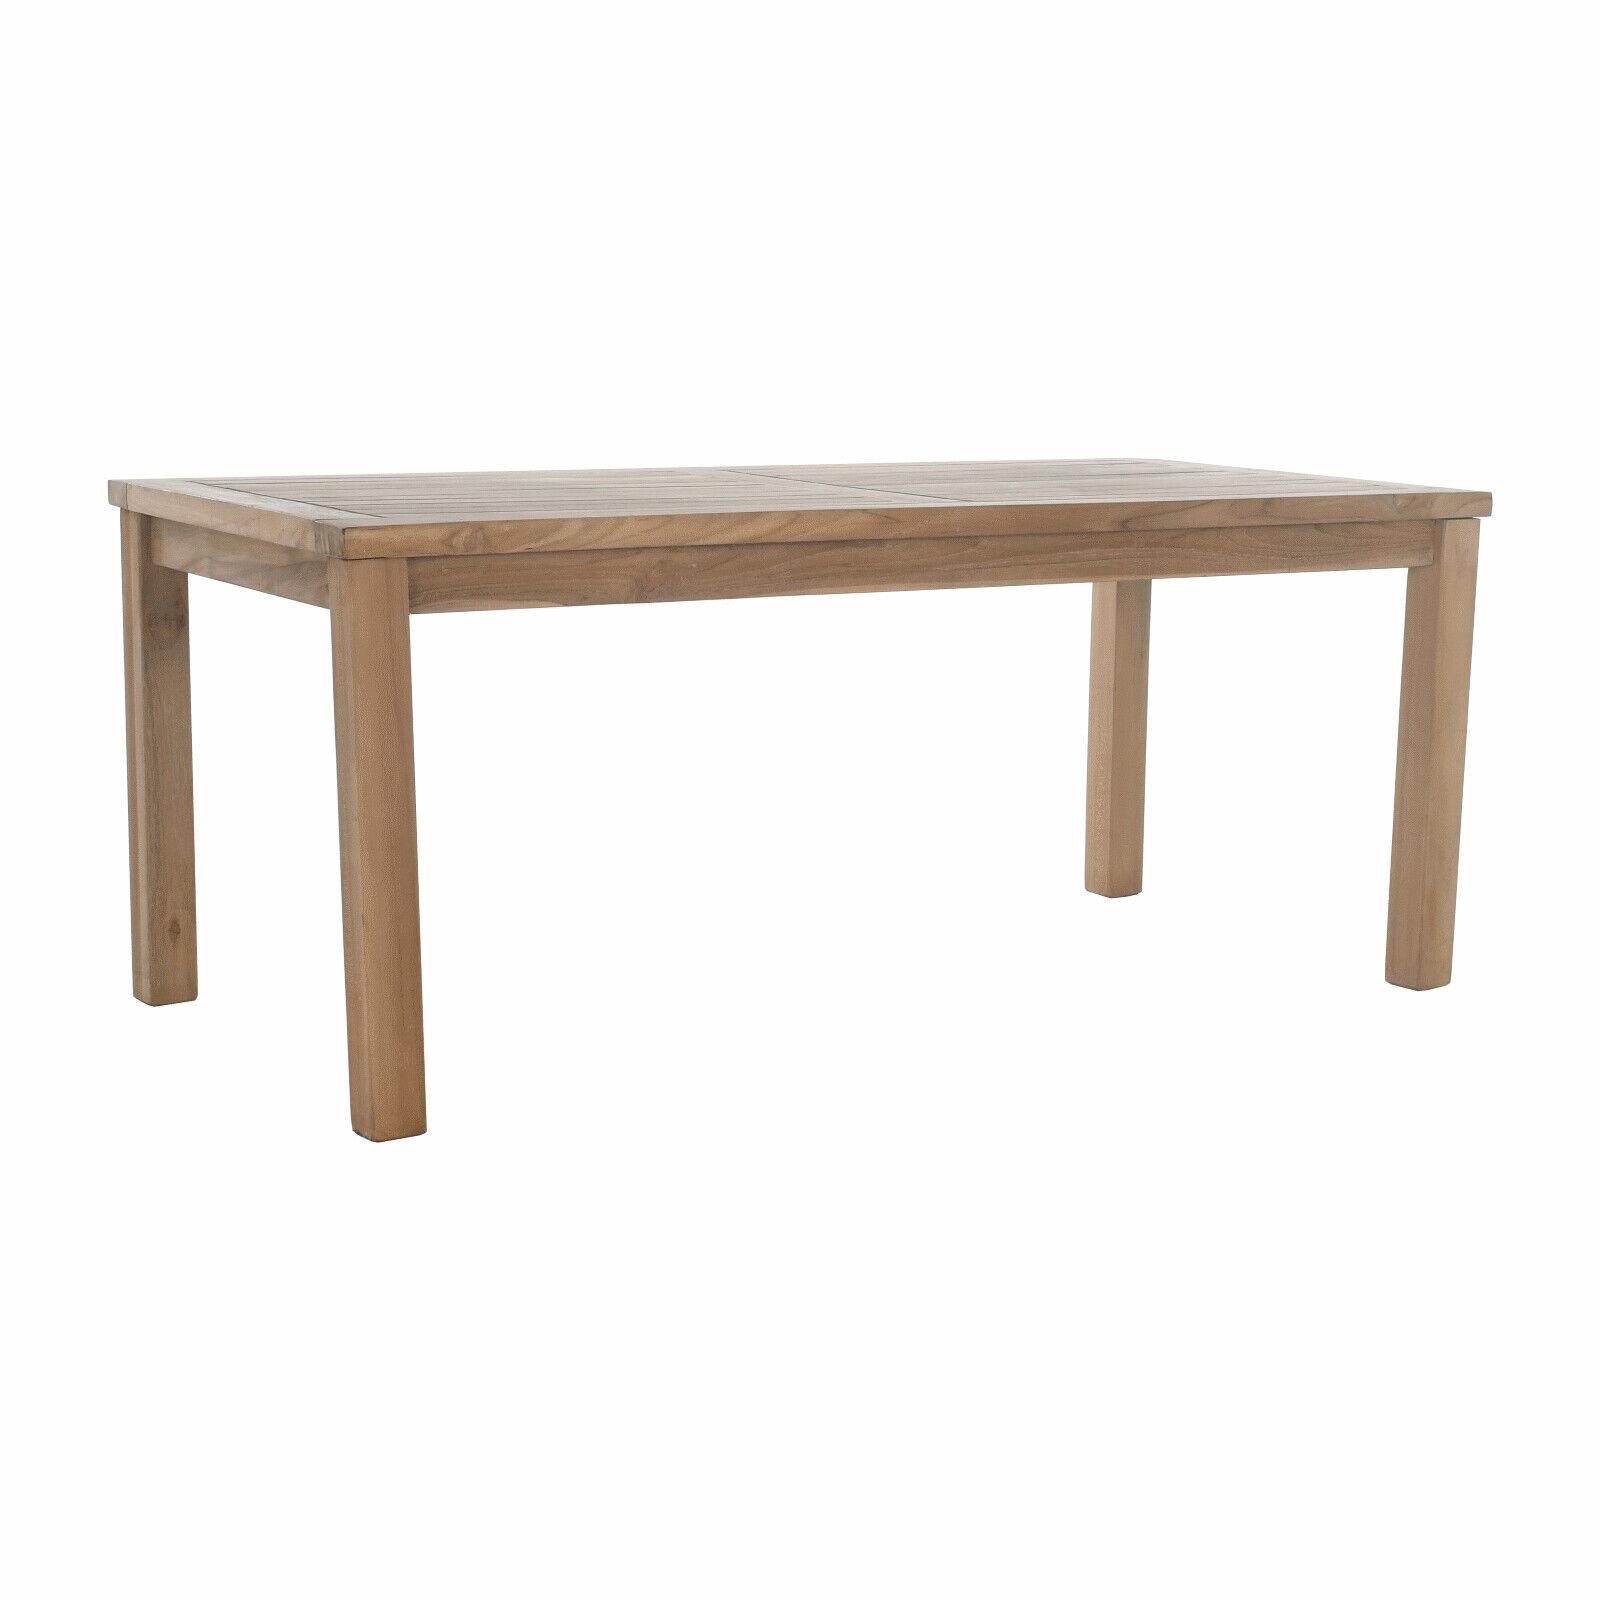 Beistelltisch Gartentisch aus massivem Teak Holz - 60x120 cm